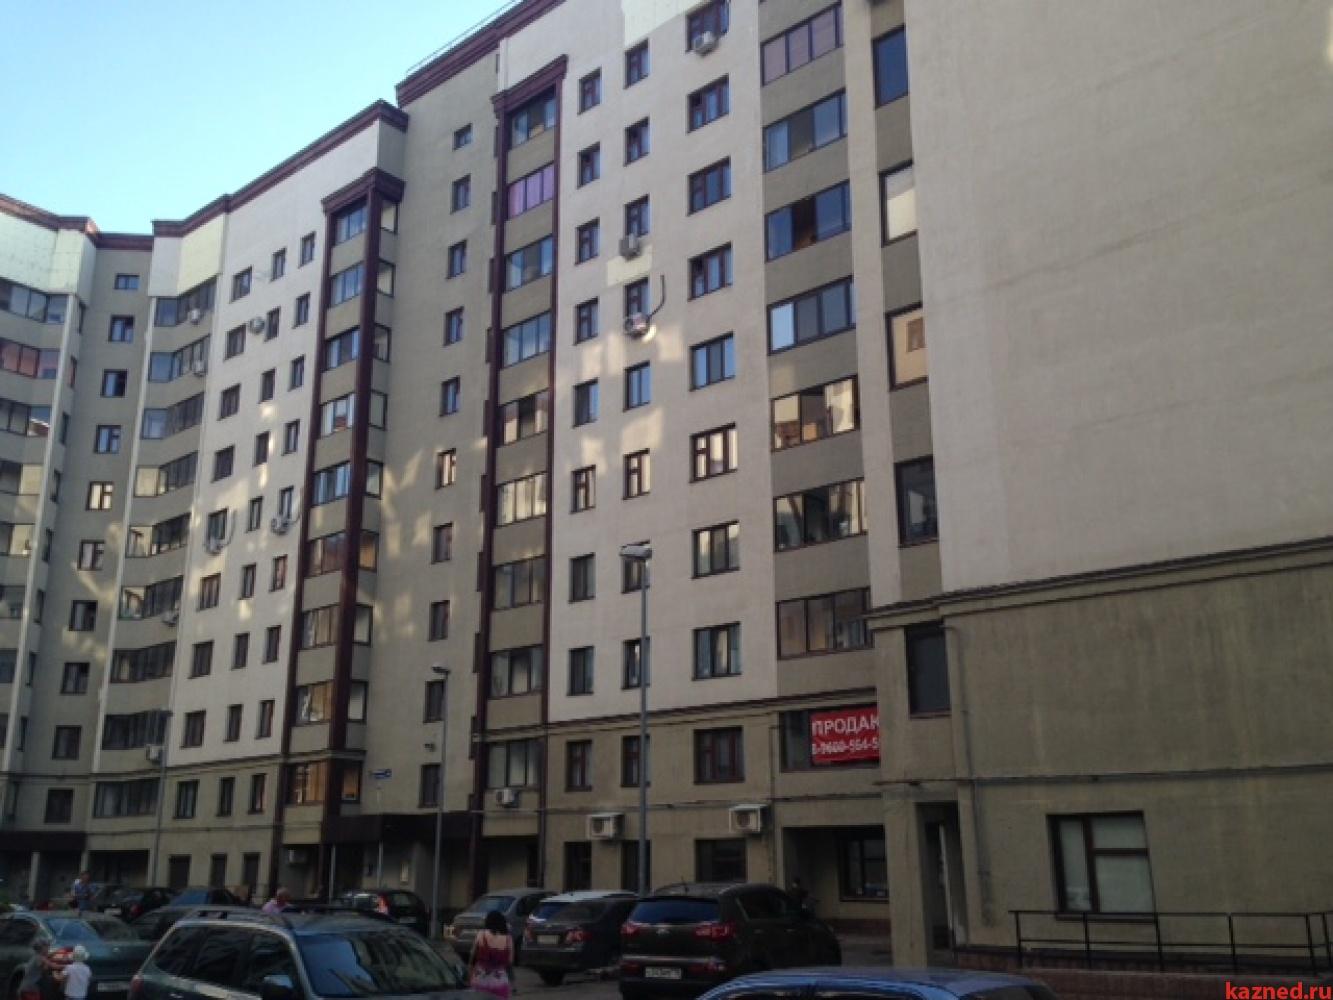 Продам 1-комн.квартиру Волочаевская, д.4, 42 м2  (миниатюра №1)